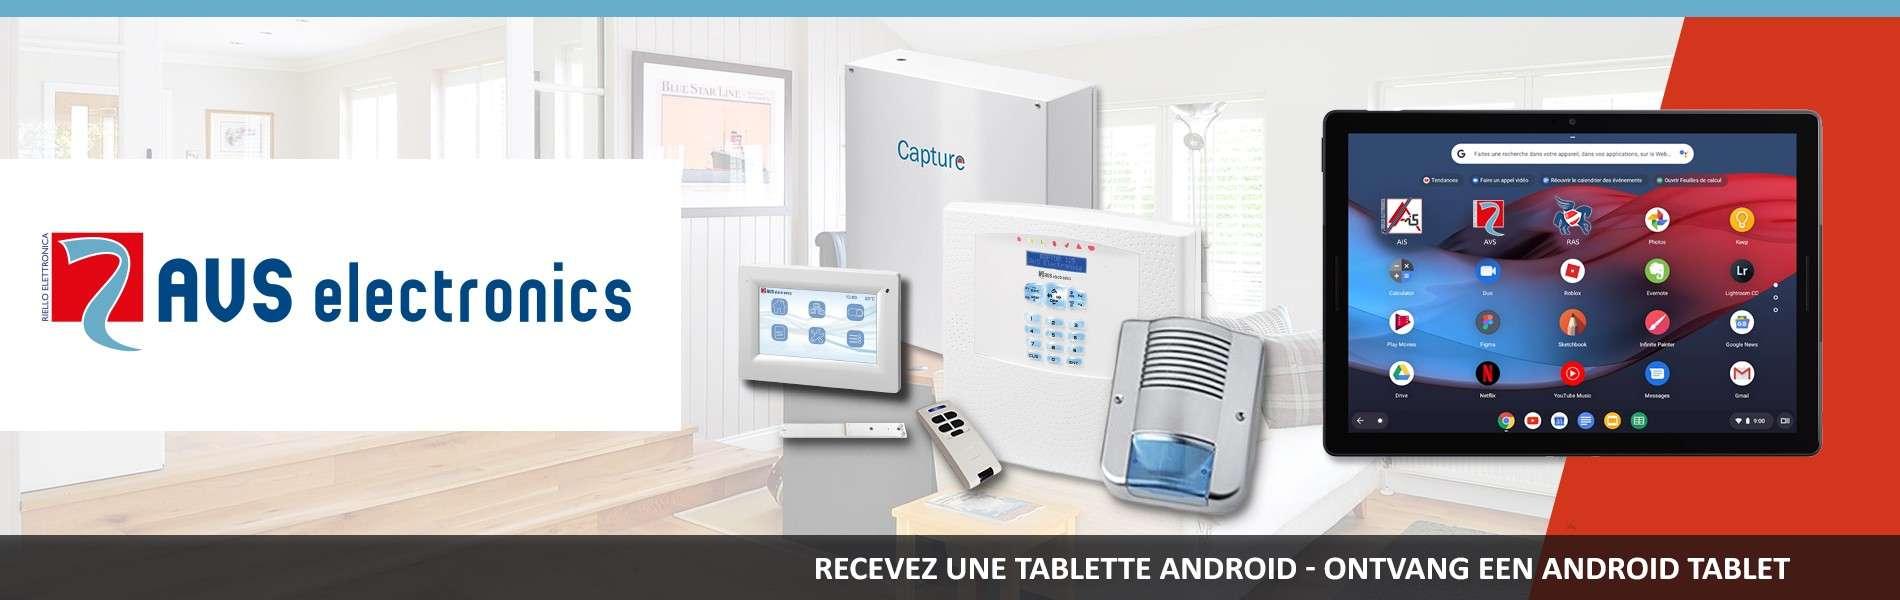 AVS ELECTRONICS : RECEVEZ UNE TABLETTE GRATUITEMENT